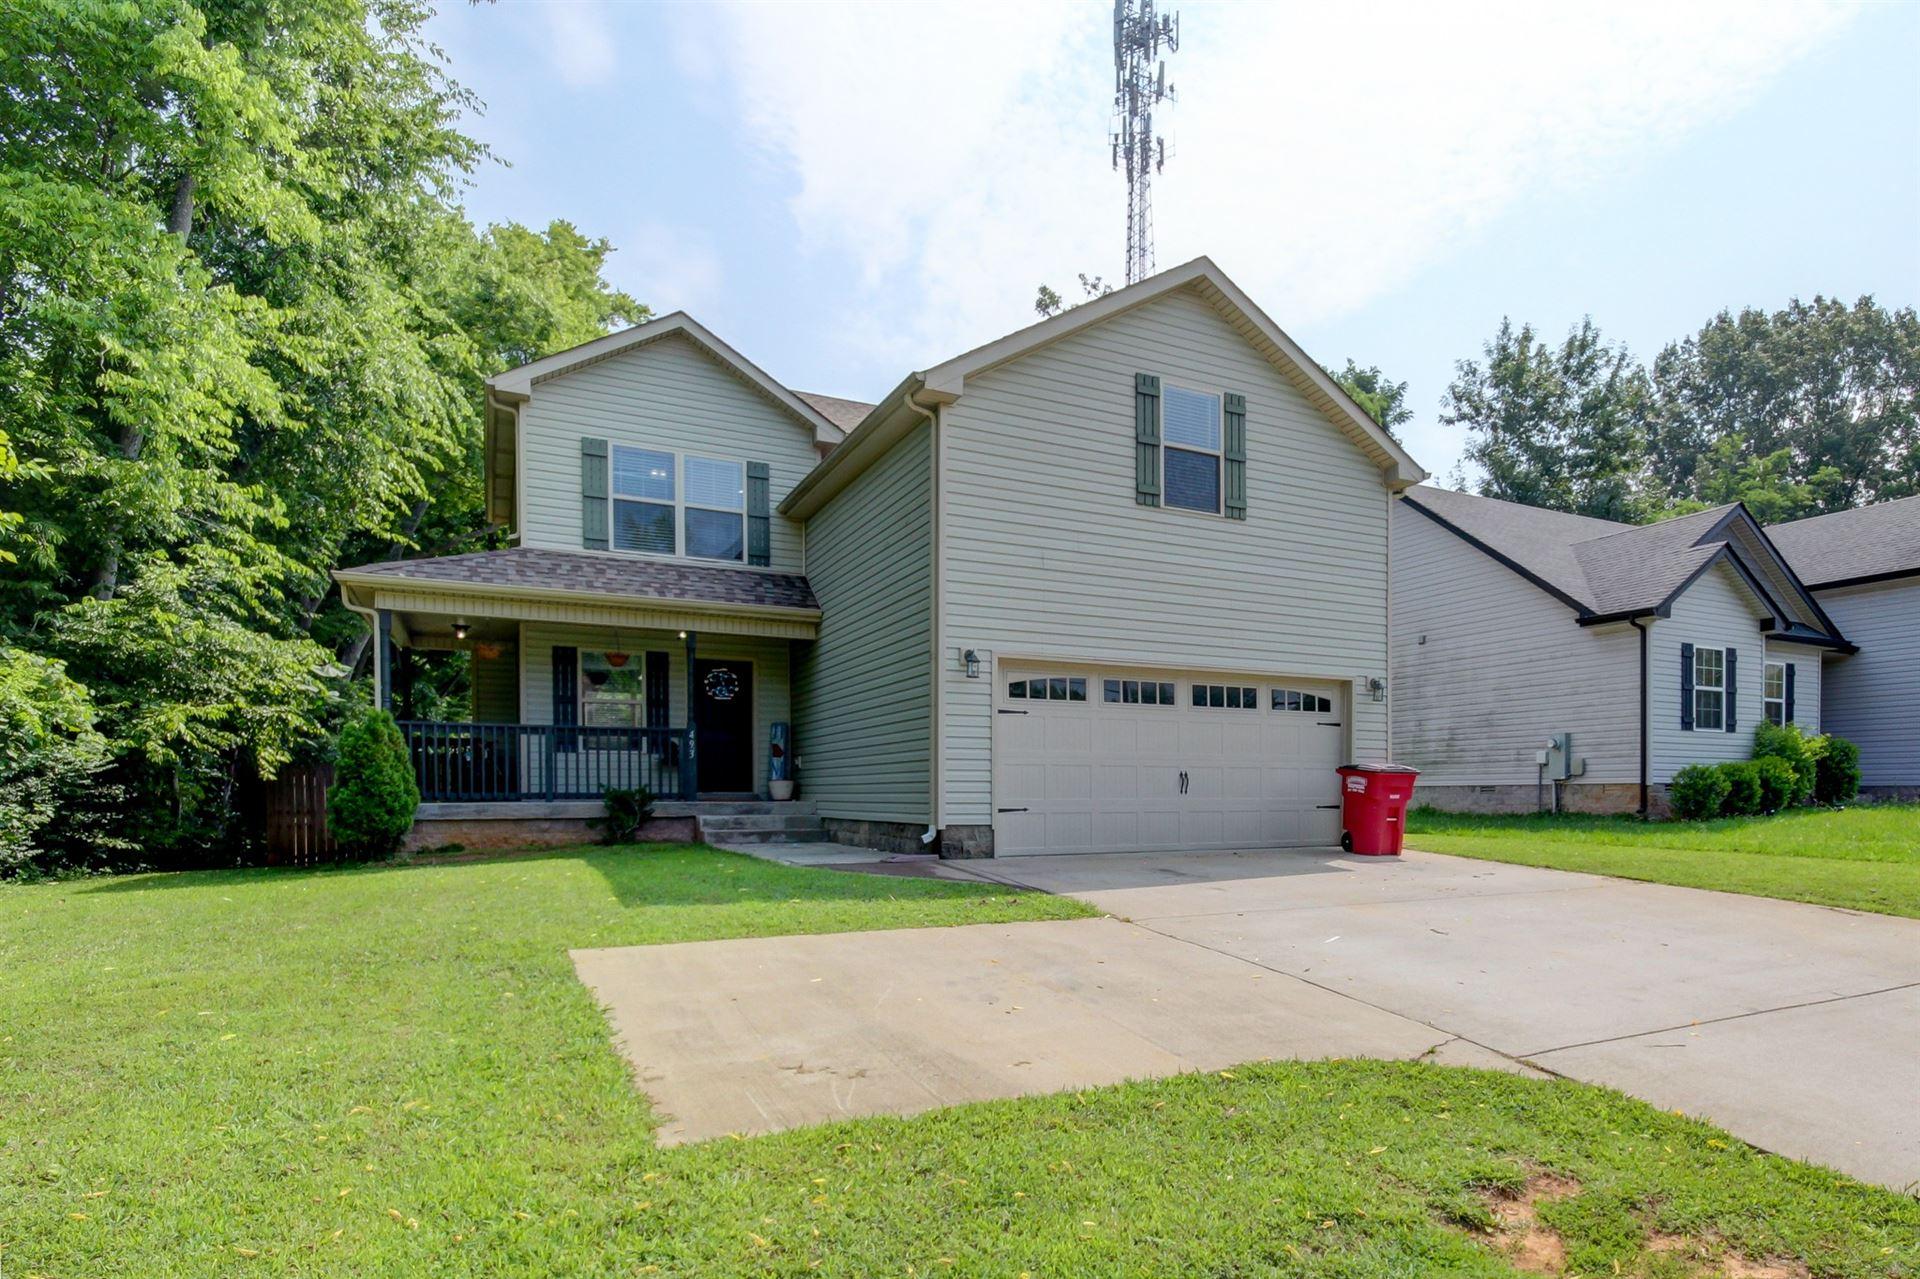 493 Lafayette Rd, Clarksville, TN 37042 - MLS#: 2272597